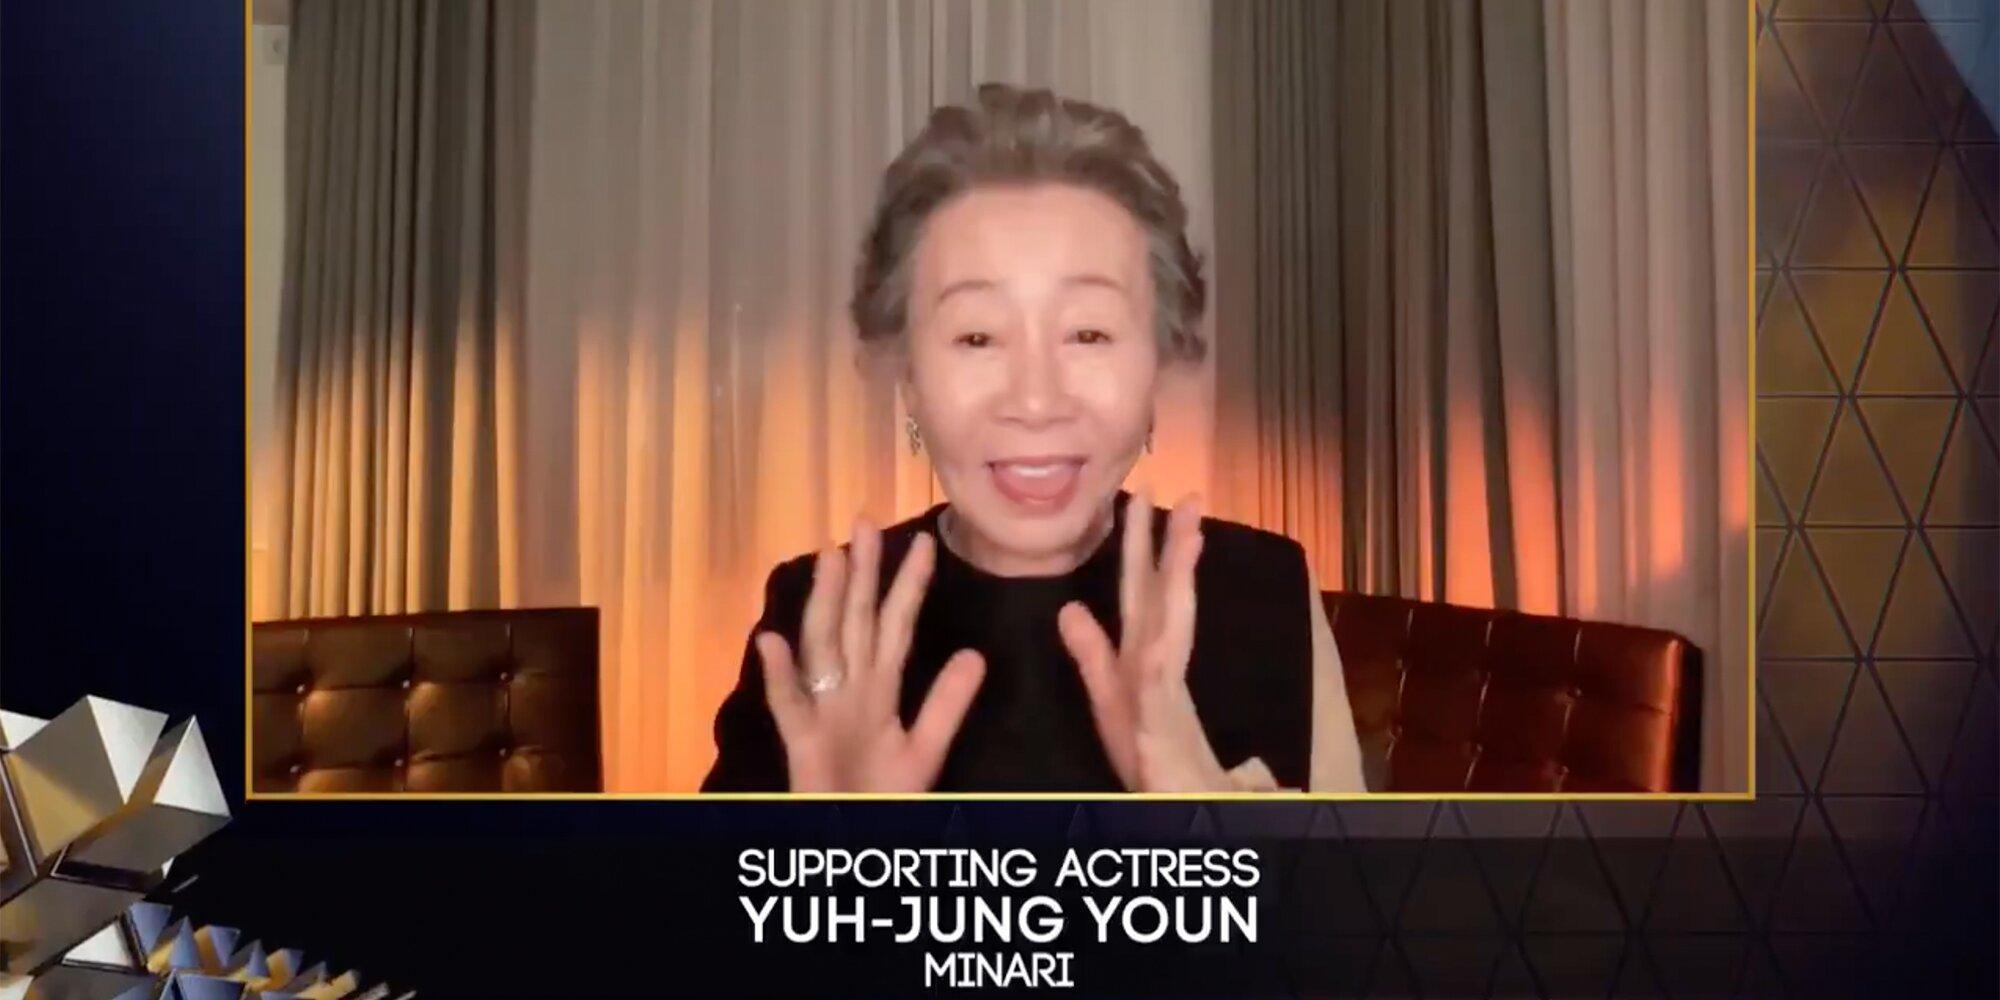 'Minari' star Yuh-Jung Youn hilariously thanks 'snobbish' Brits for BAFTA win